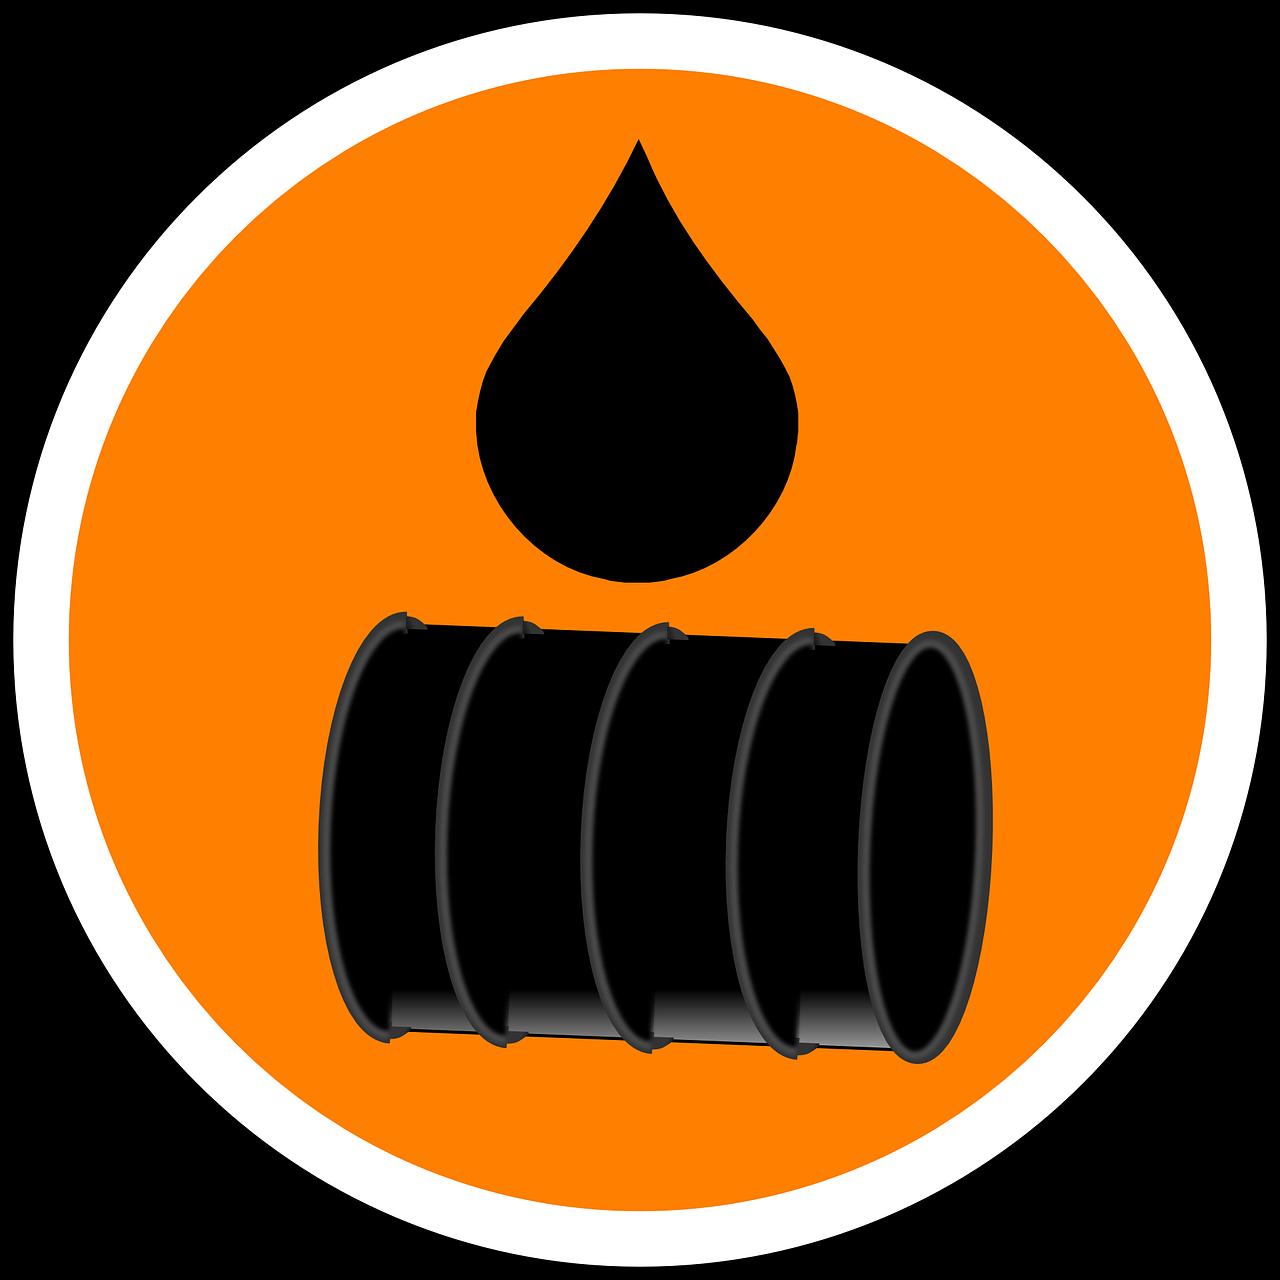 Pétrole : le cap des 100 dollars le baril